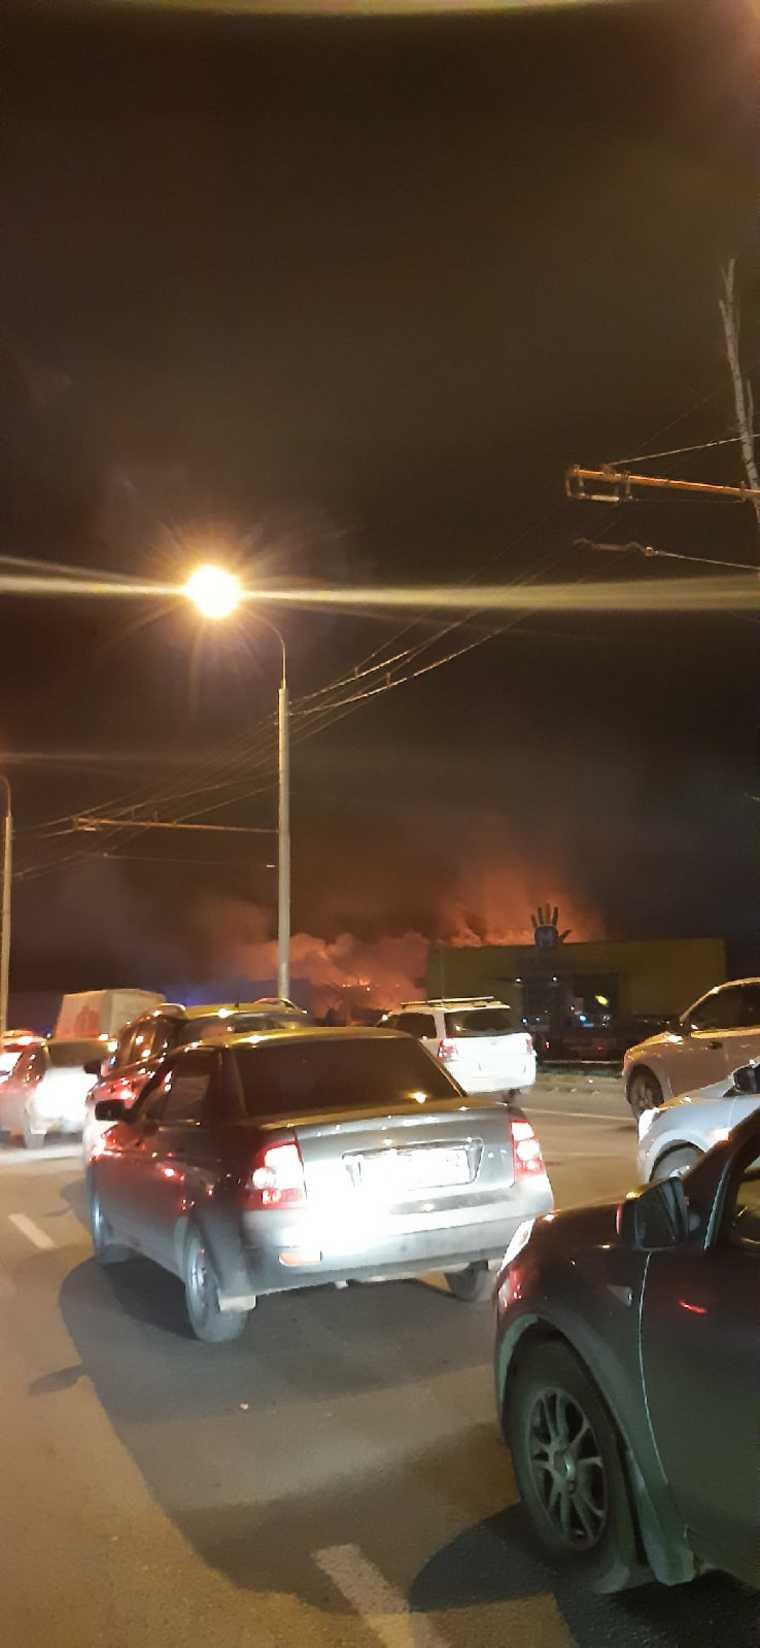 В Рязани произошел крупный пожар в торговом центре. Фото, видео